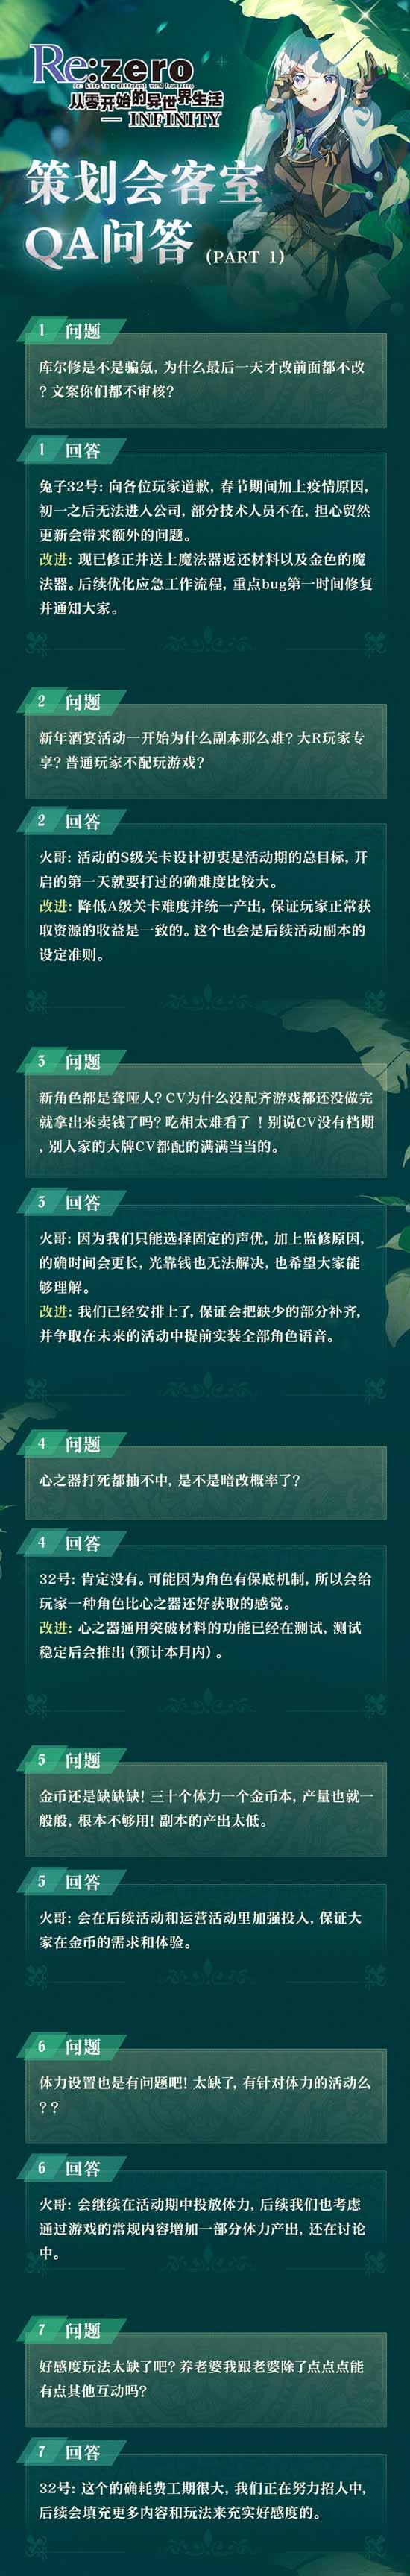 RE:从零开始直播Q&A总结上线,重点游戏问题全解答!